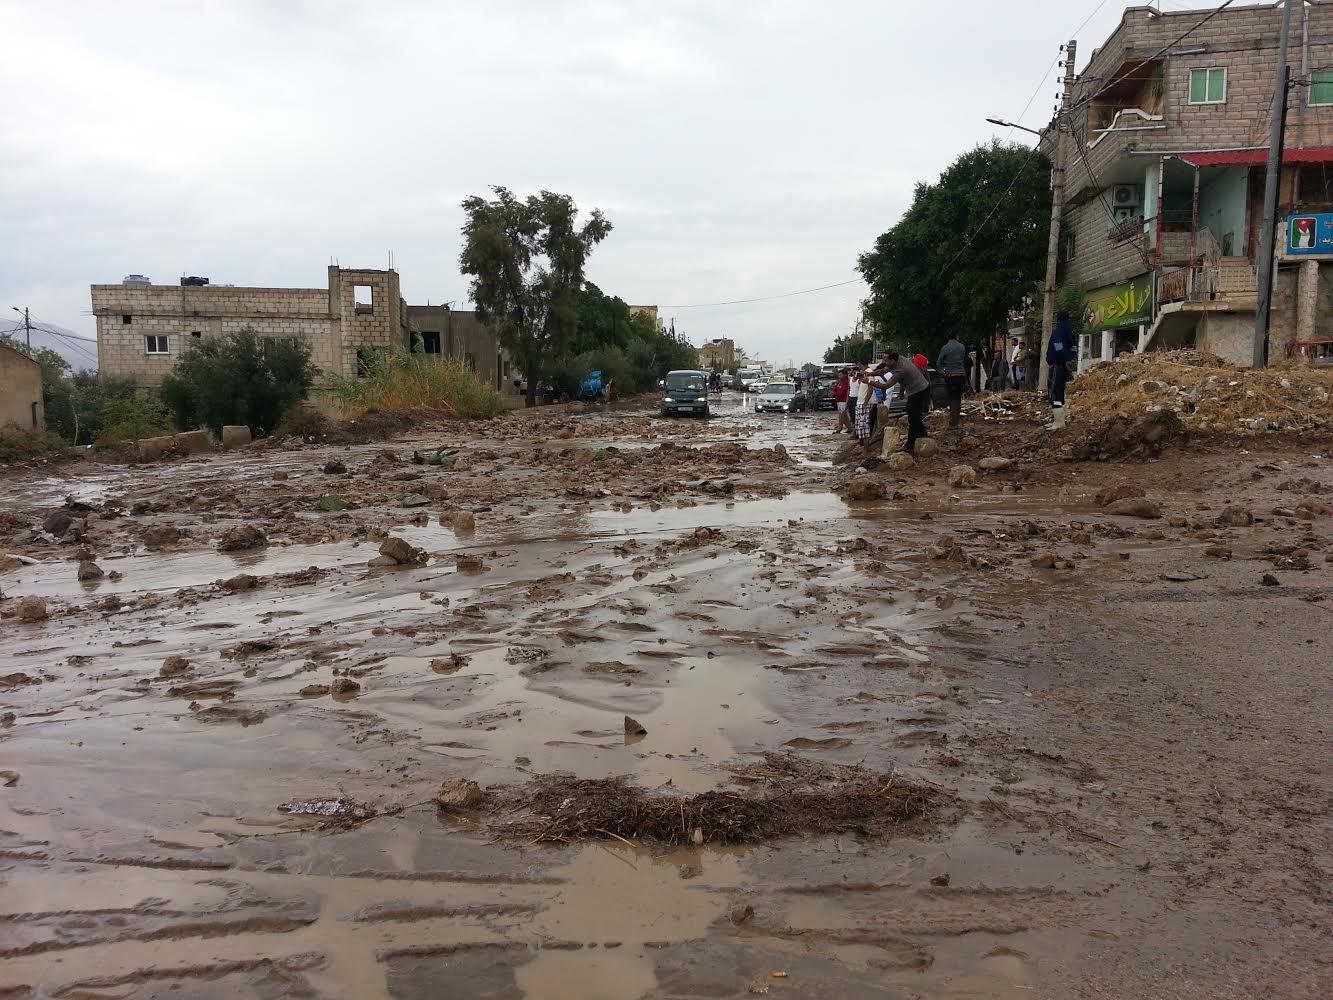 صور امطار الاردن شهر نوفمبر 2014 , الأمطار تداهم منازل المواطنين وتعزل قرى في الأغوار الشمالية